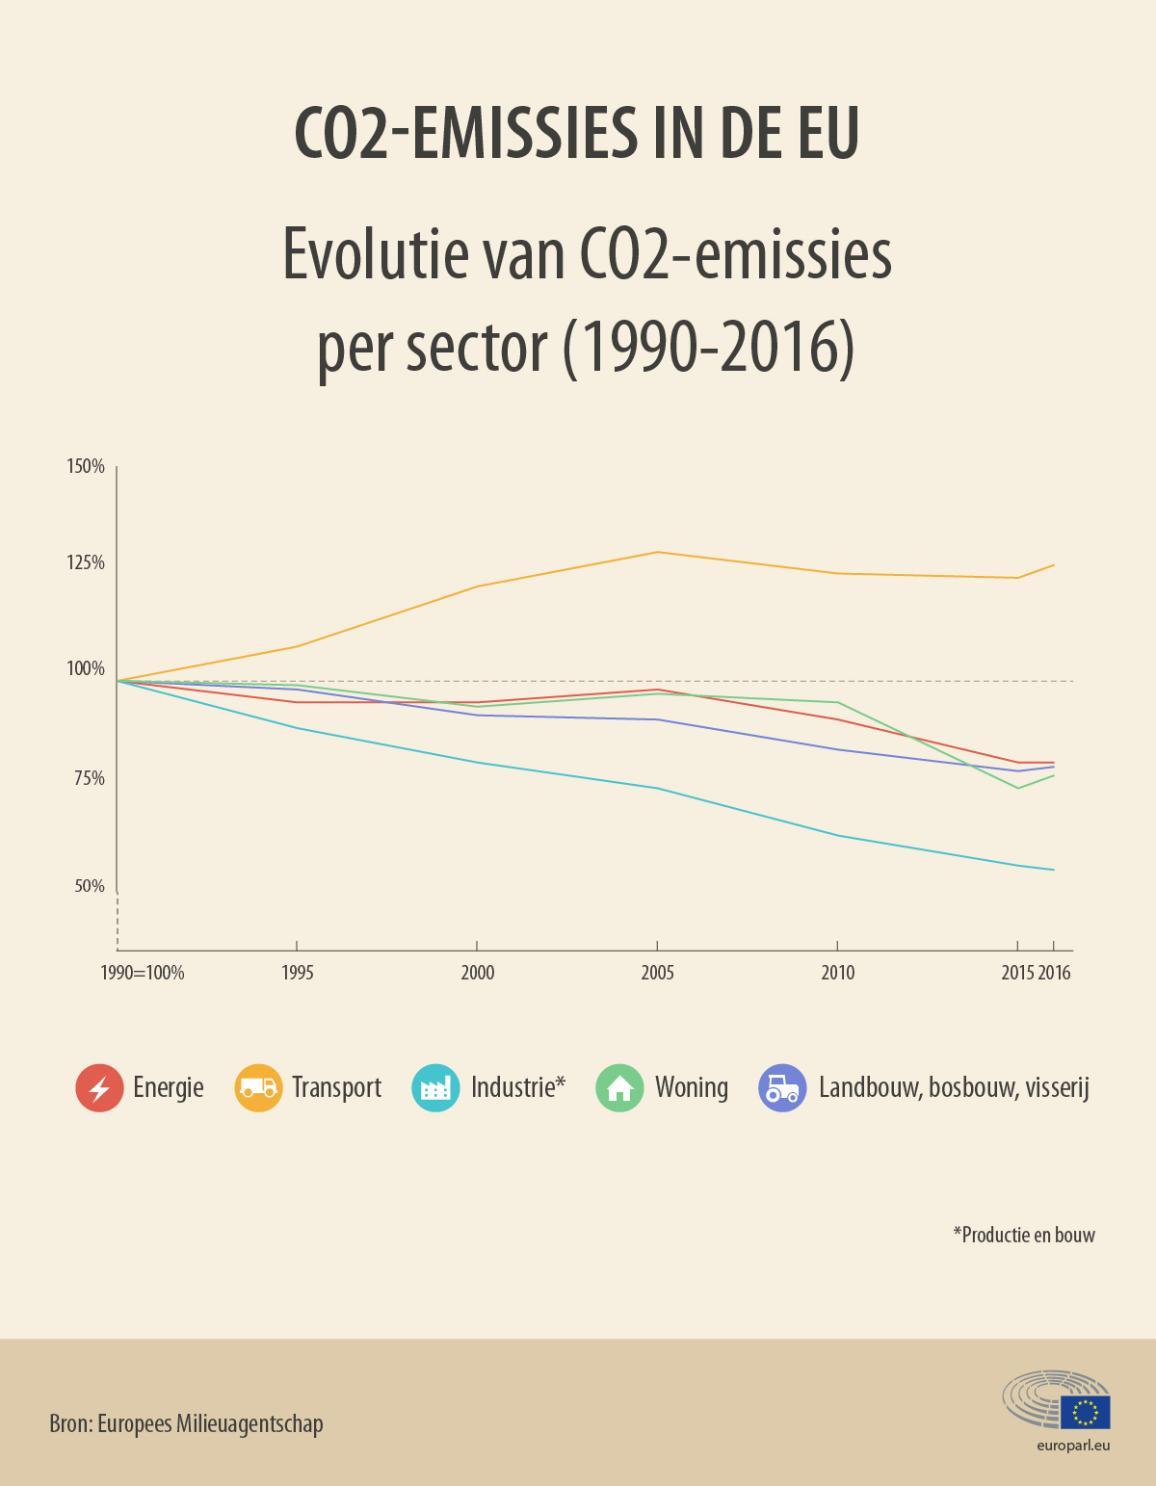 Infografiek over het aantal CO2-emissies in de EU veroorzaakt per sector tussen 1990 en 2016.